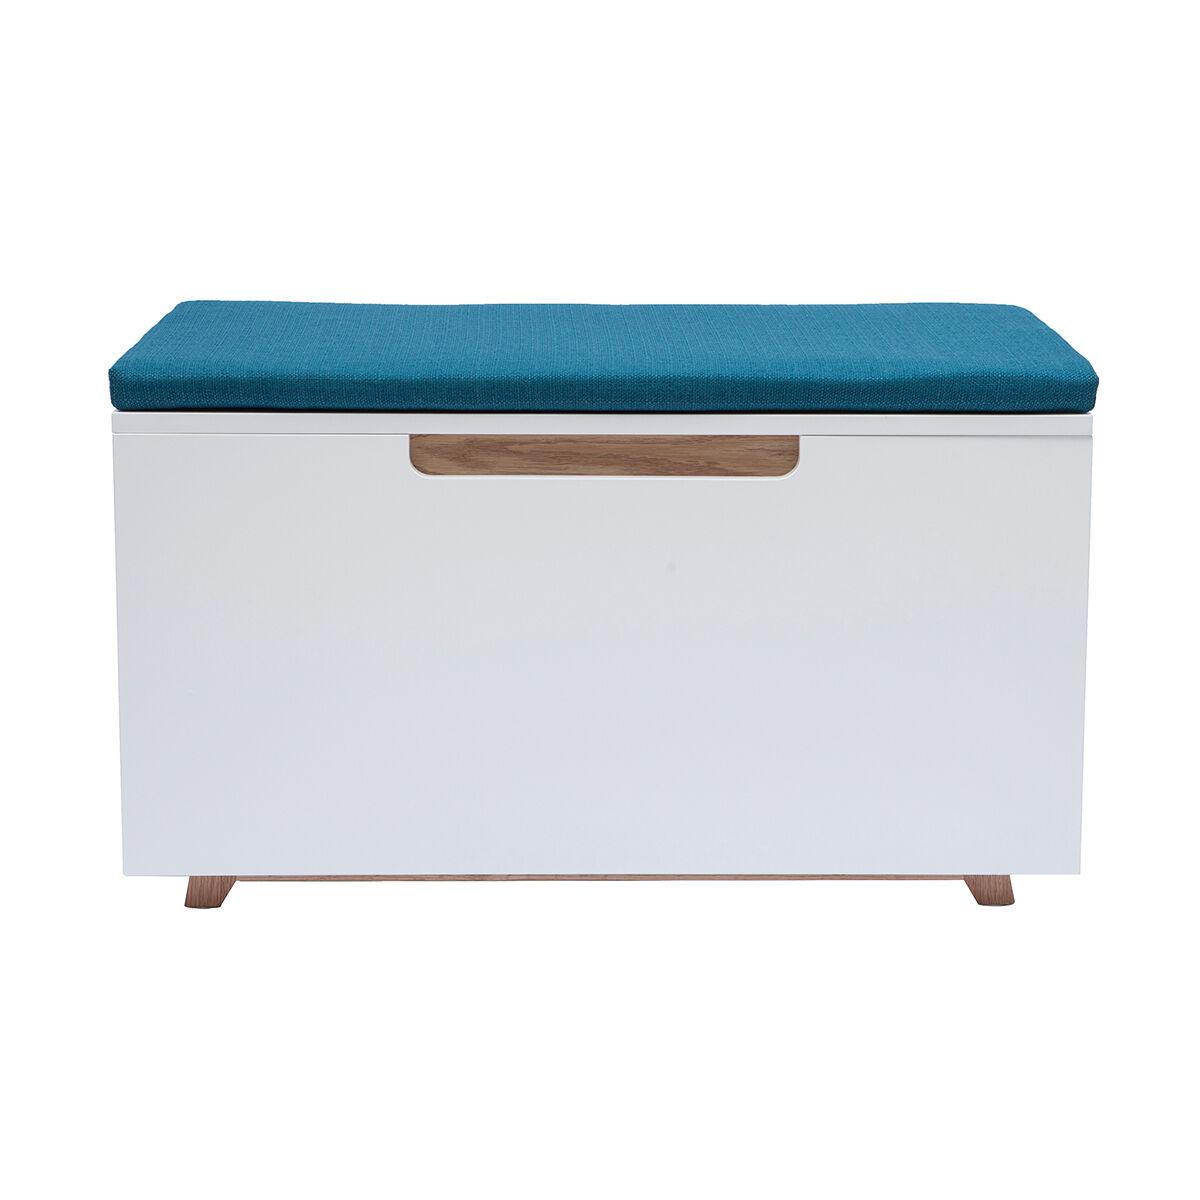 Miliboo Banc maison de toilette pour chat bois clair et bleu canard O'MALLEY